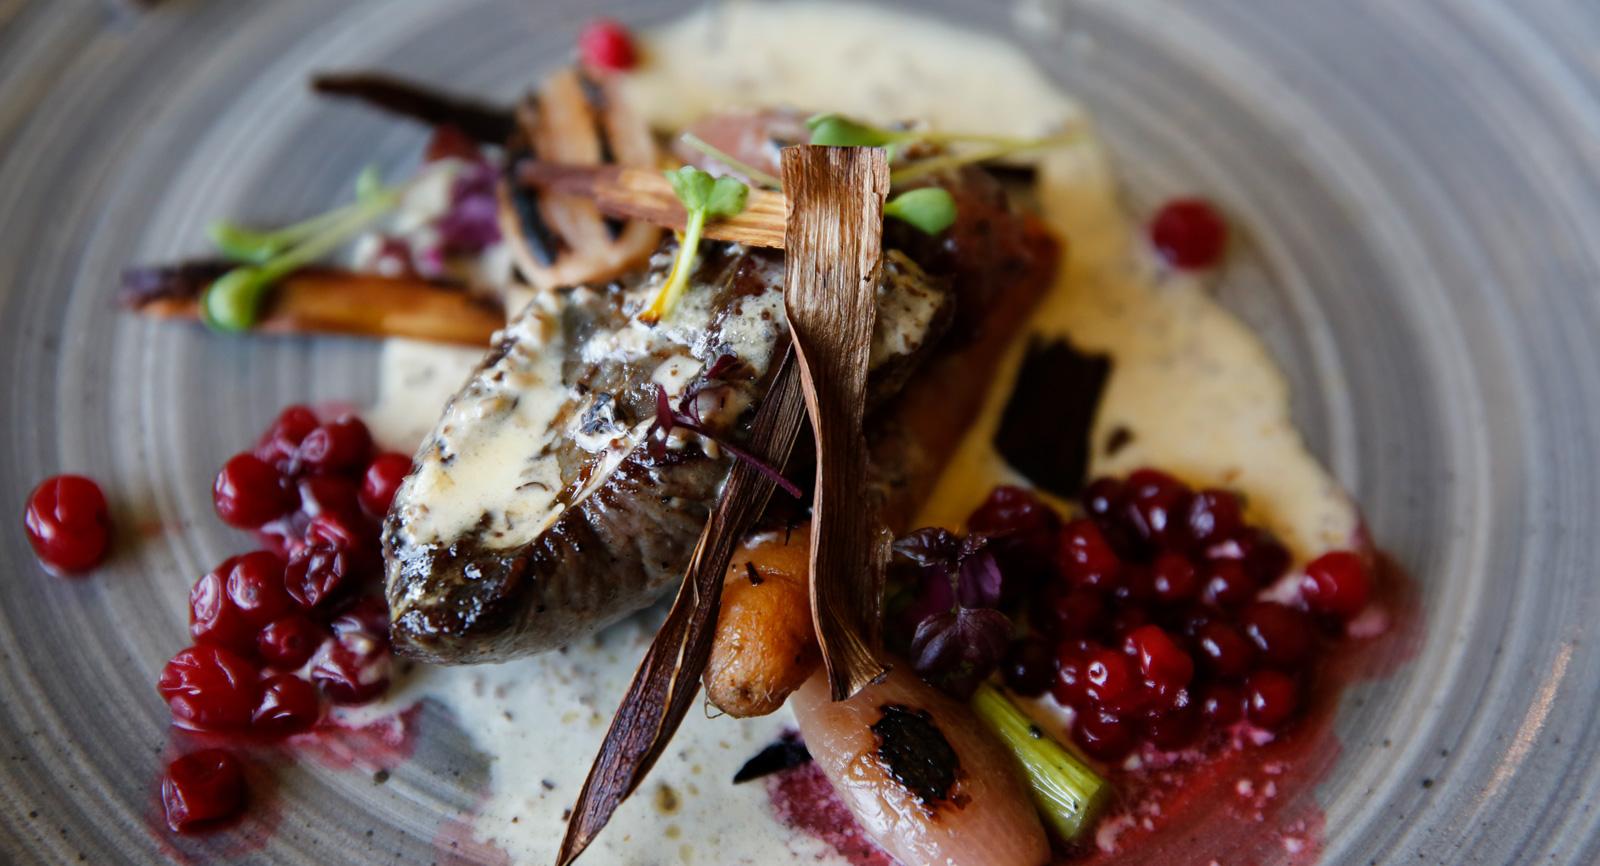 Middag på restaurang Lapporten. Potatispuré med renfilé och rotsaker.